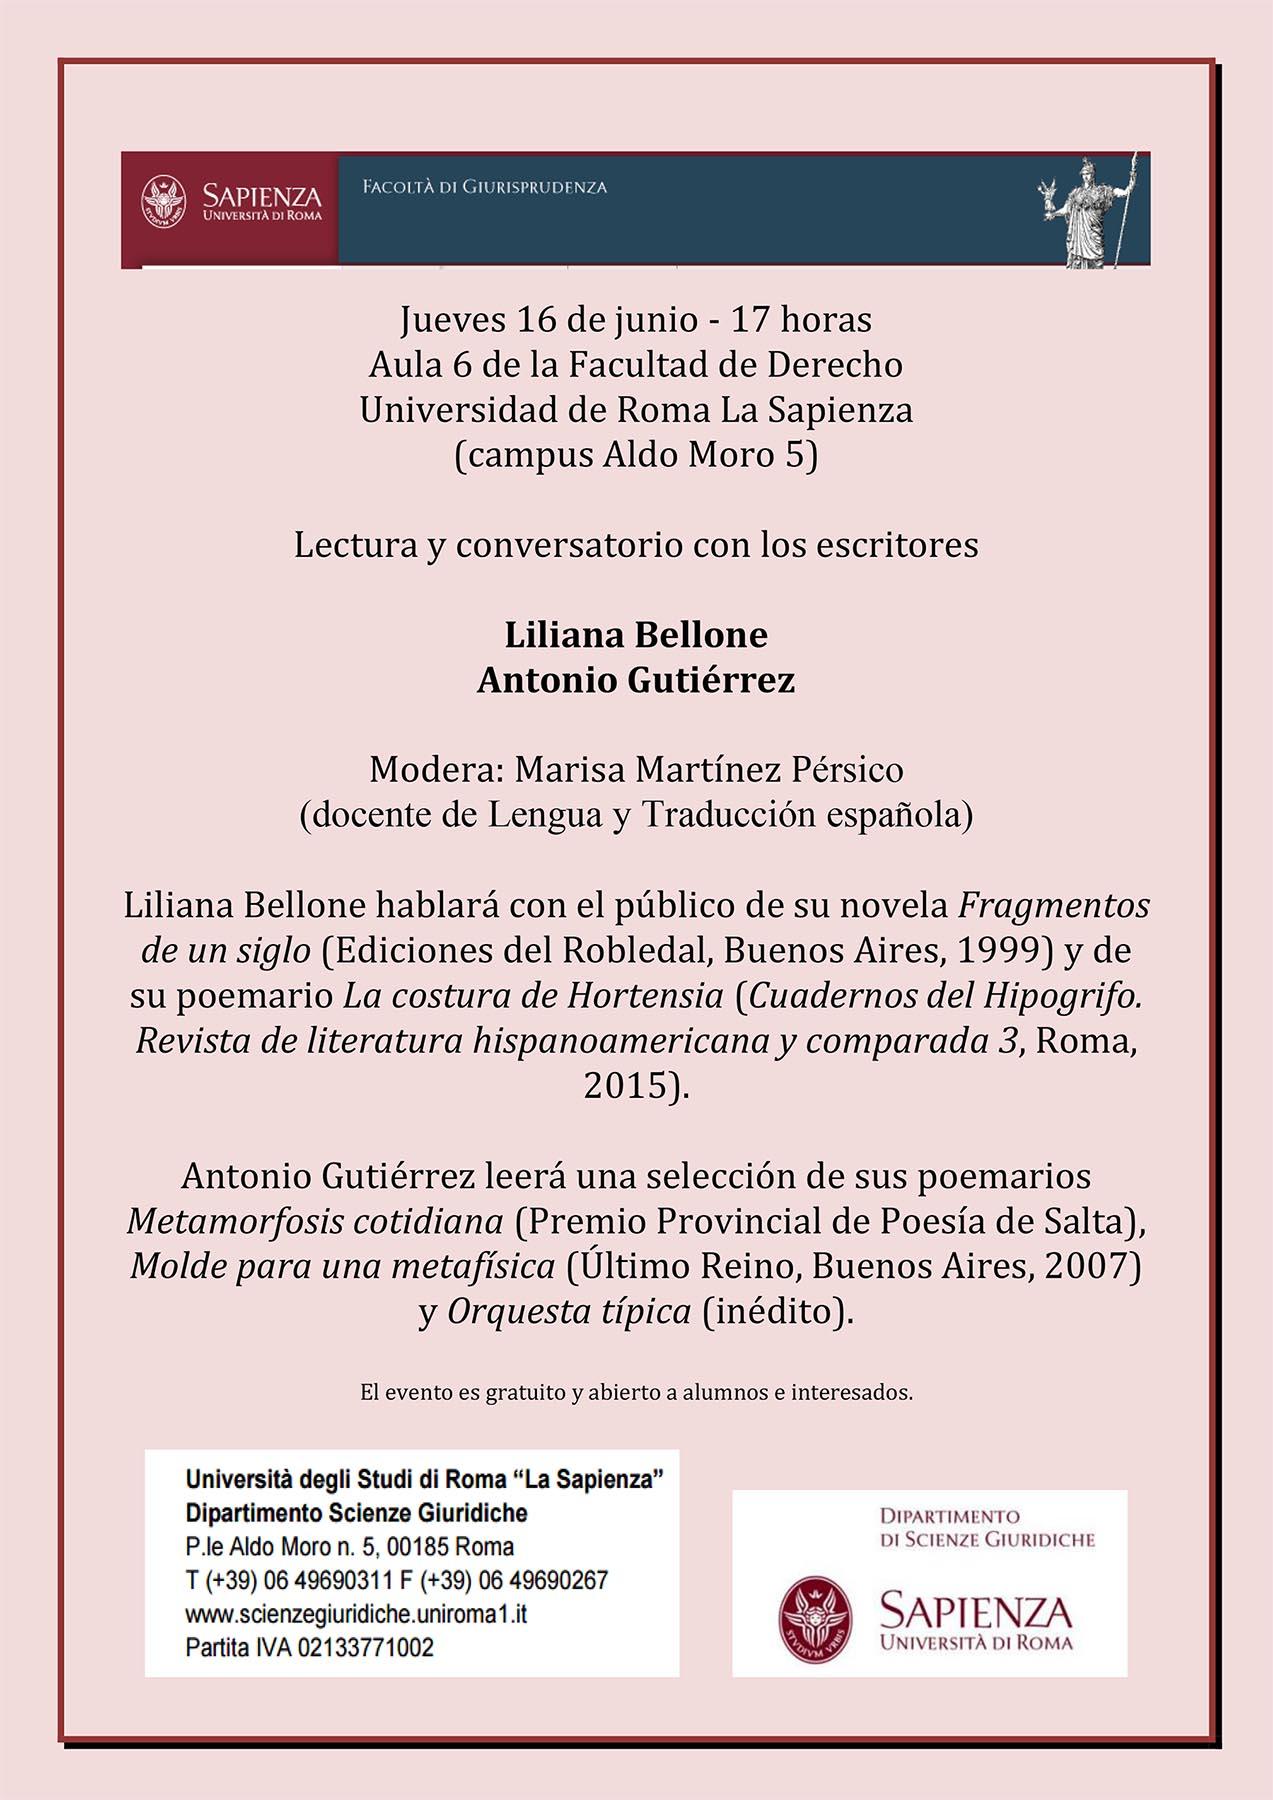 """Jueves 16 de junio – Invitación """"conversatorio"""" con los escritores Liliana Bellone/Antonio Gutiérrez"""